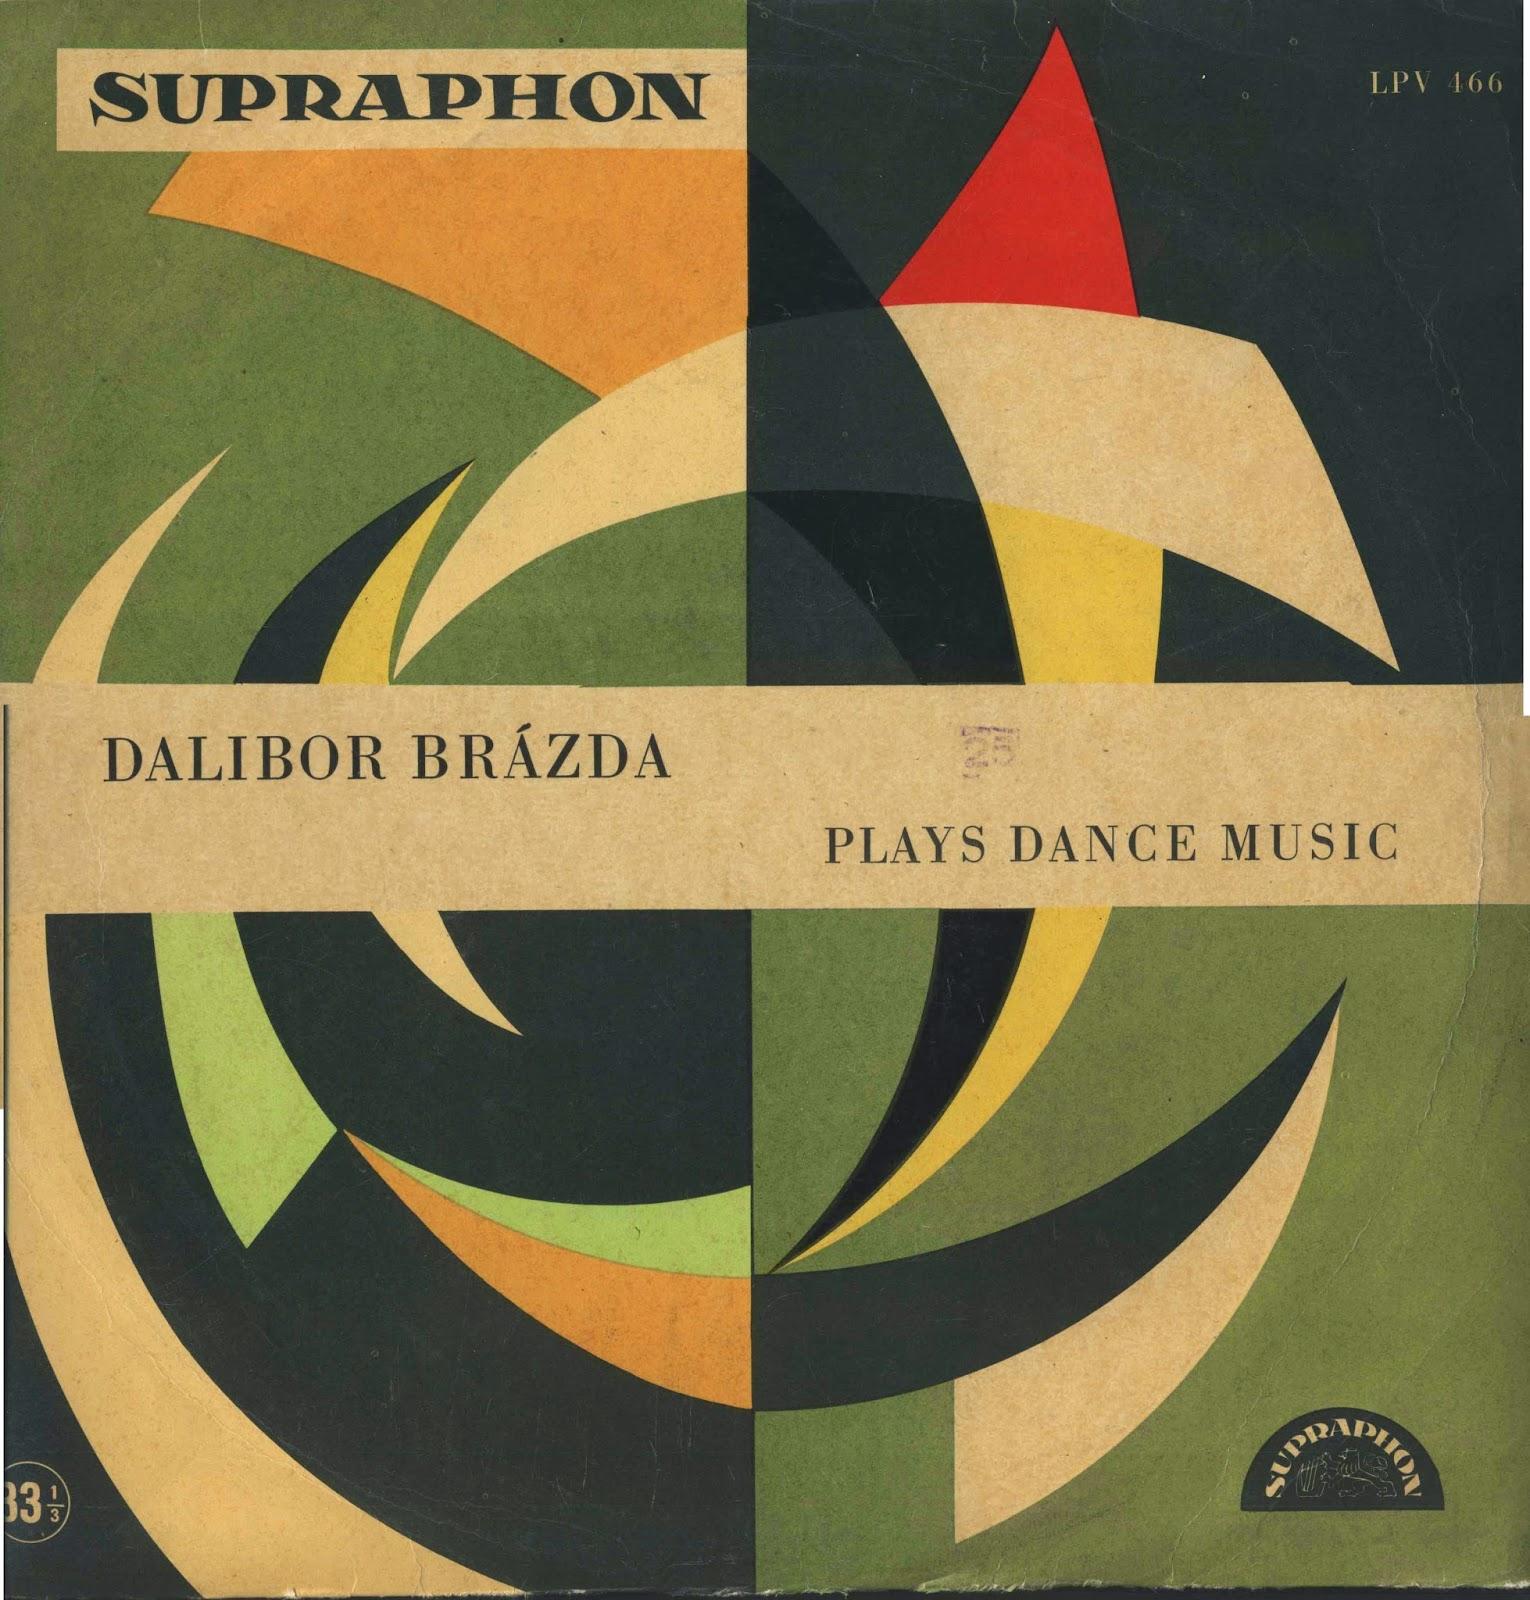 DALIBORBRAZDA-front%2B1953.jpg